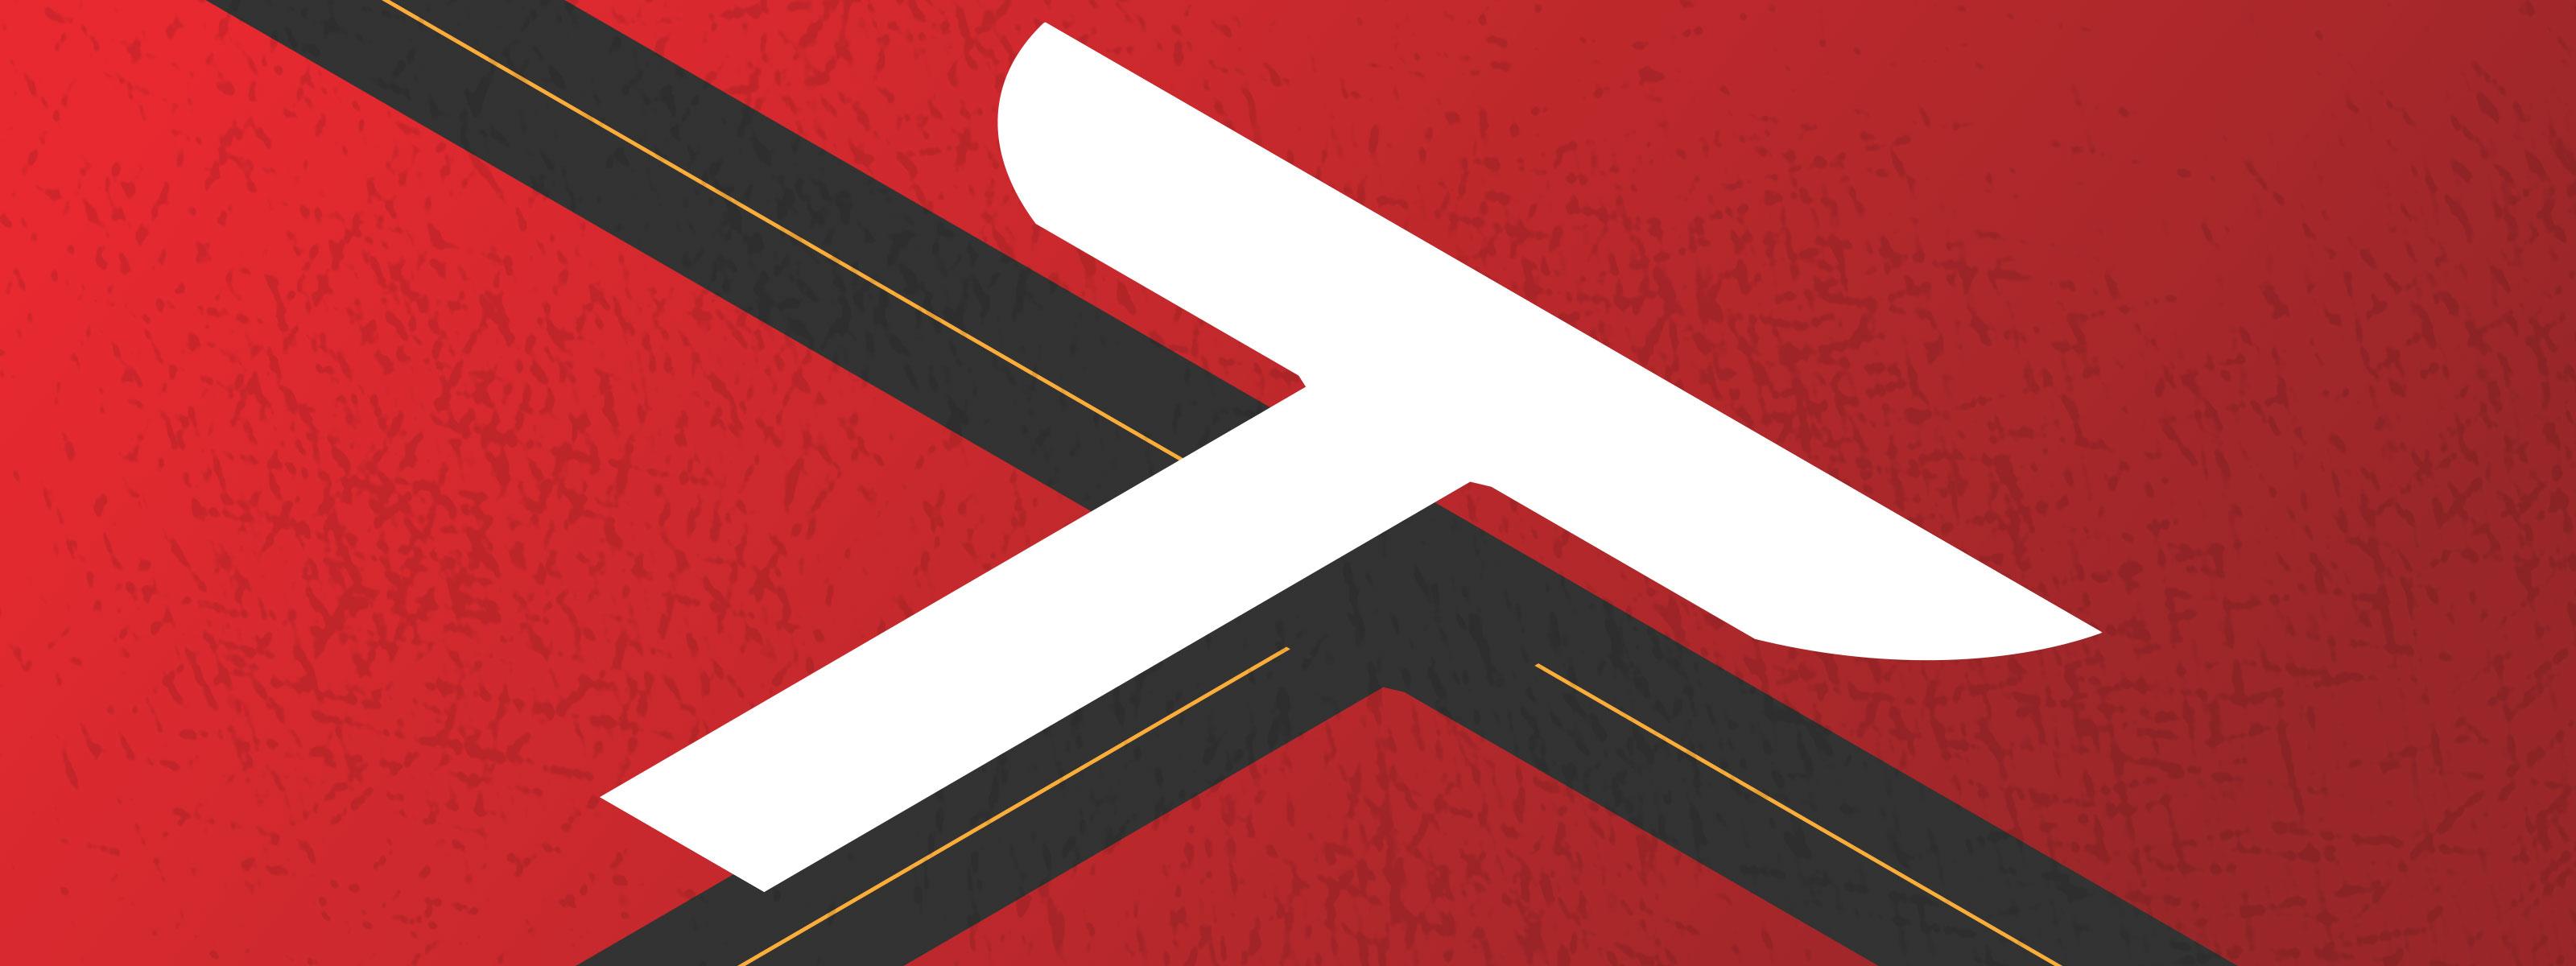 tesla crossroads